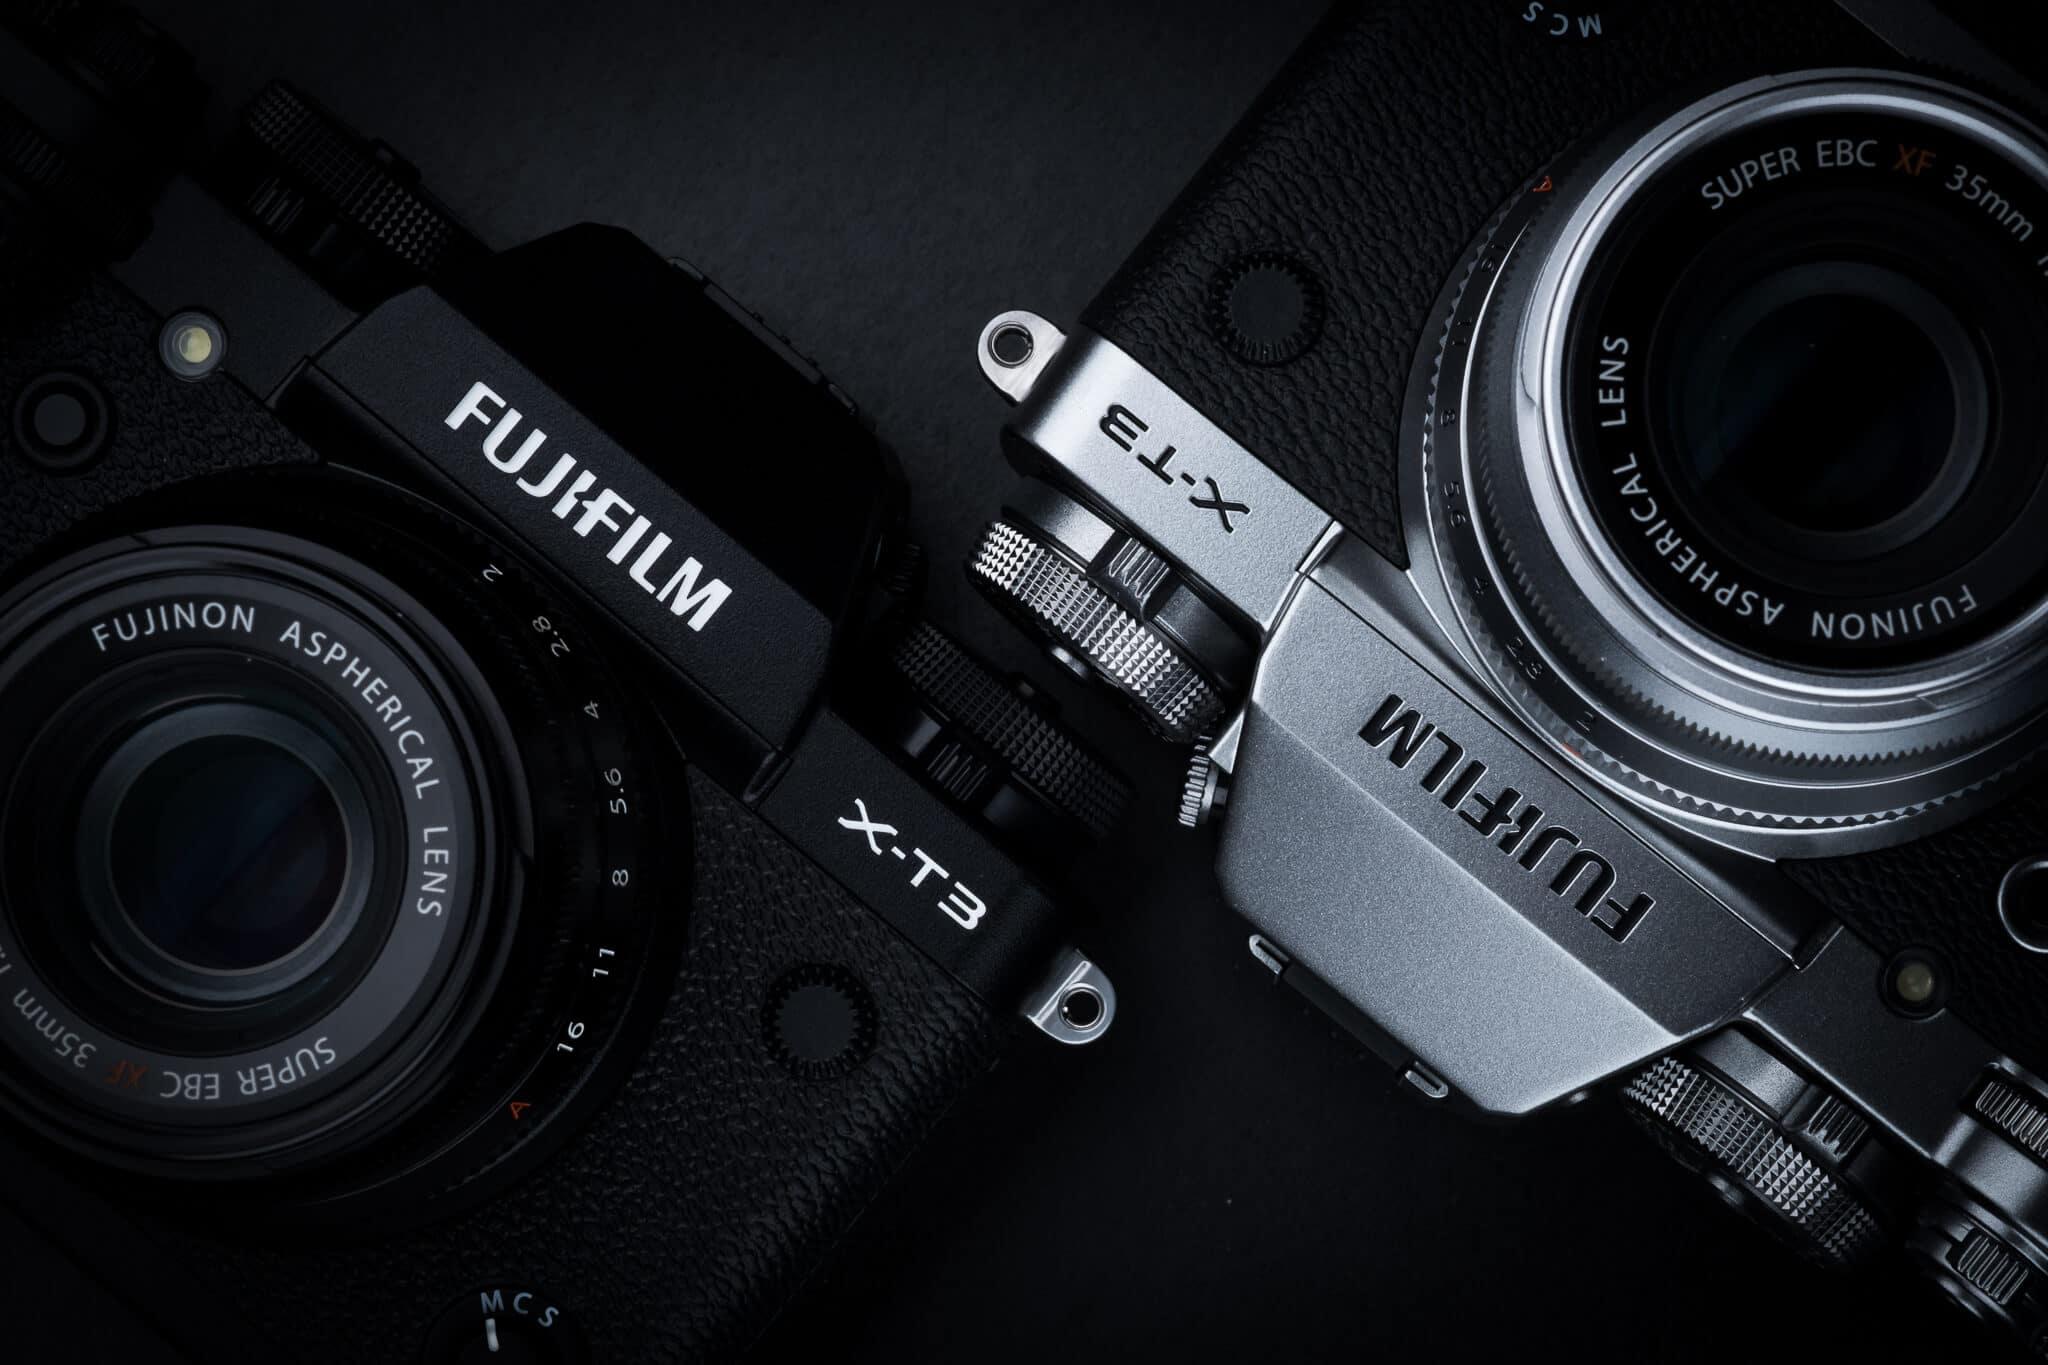 Review: Câmera FujiFilm X-T3 Mirrorless, uma Câmera Boa Demais para Ser Verdade!